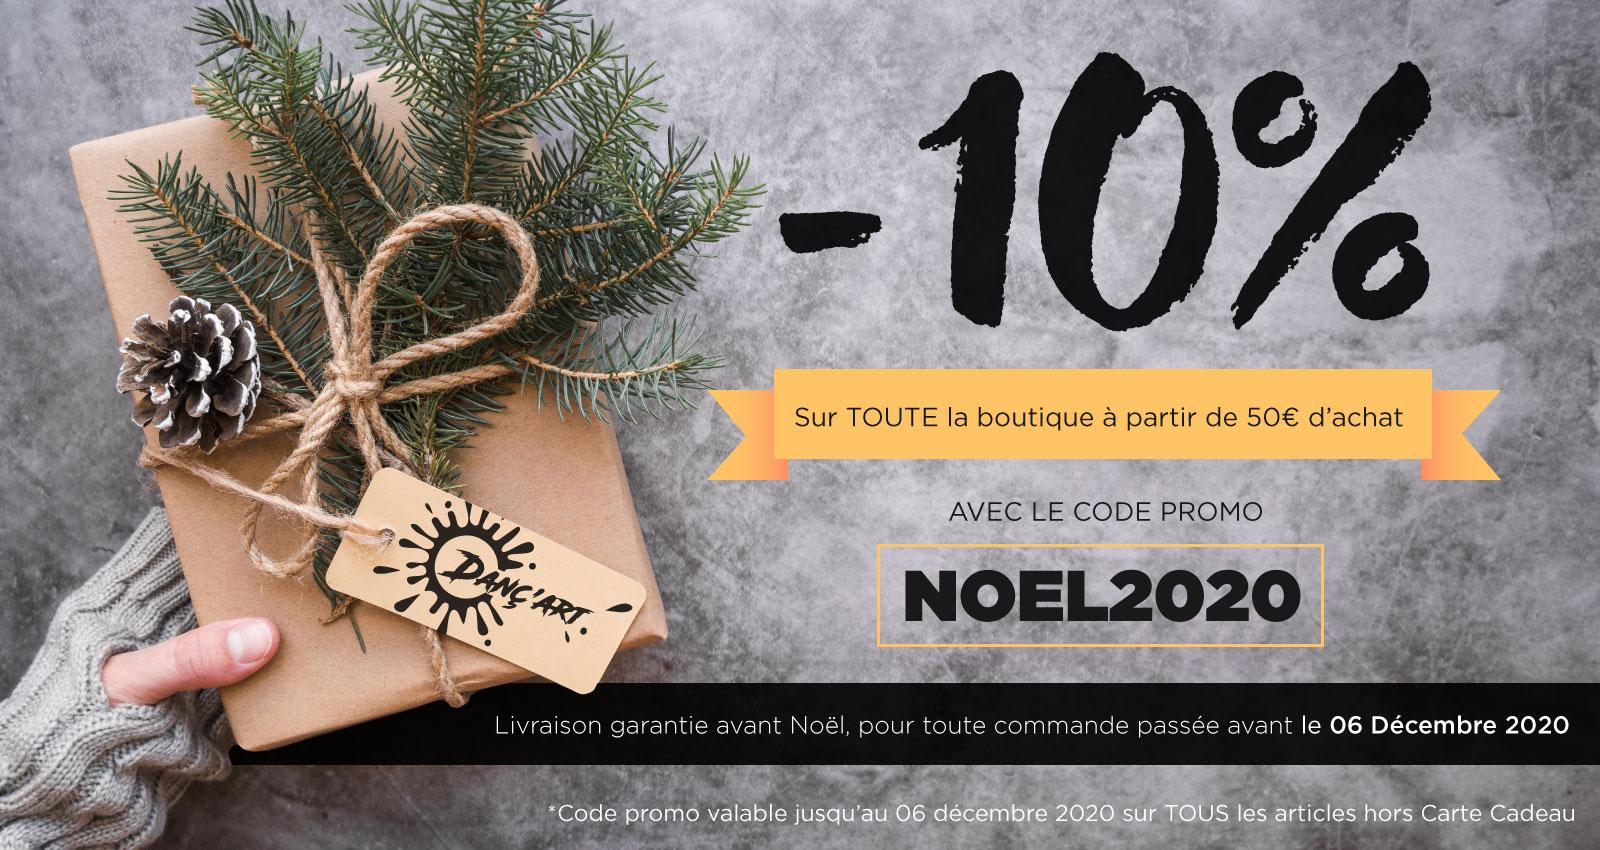 You are currently viewing Soyez assuré d'être livré avant les fêtes de Noël et profitez d'un code promo de 10% sur toute la boutique !